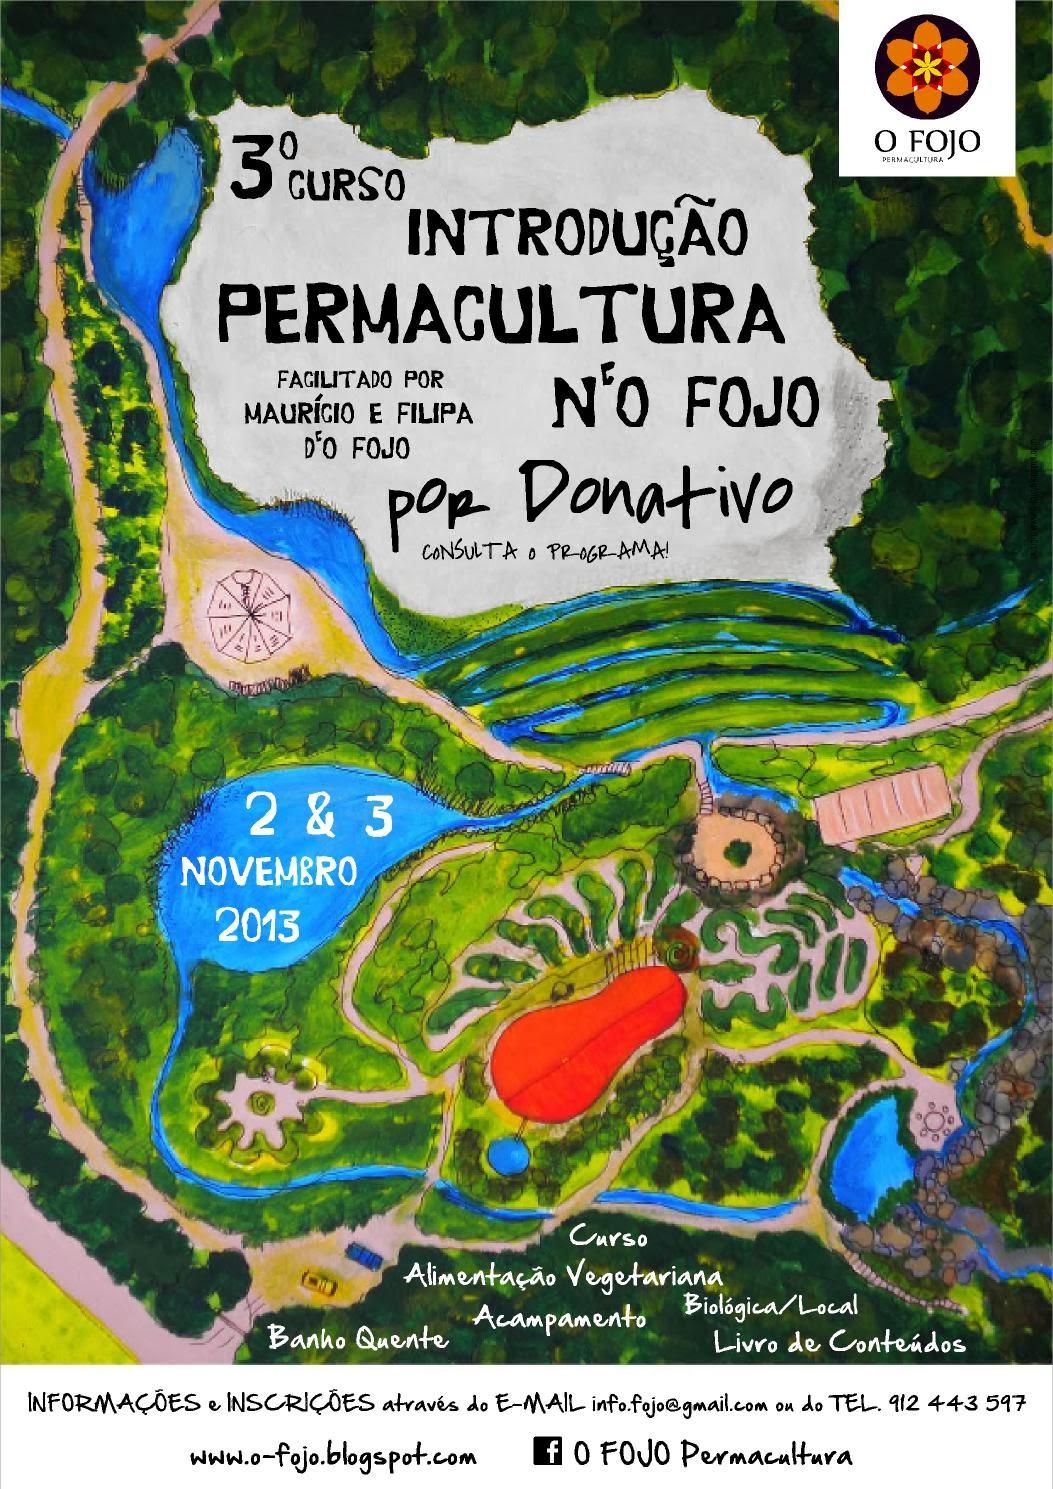 3º Curso de Introdução à Permacultura por Donativo n'O FOJO